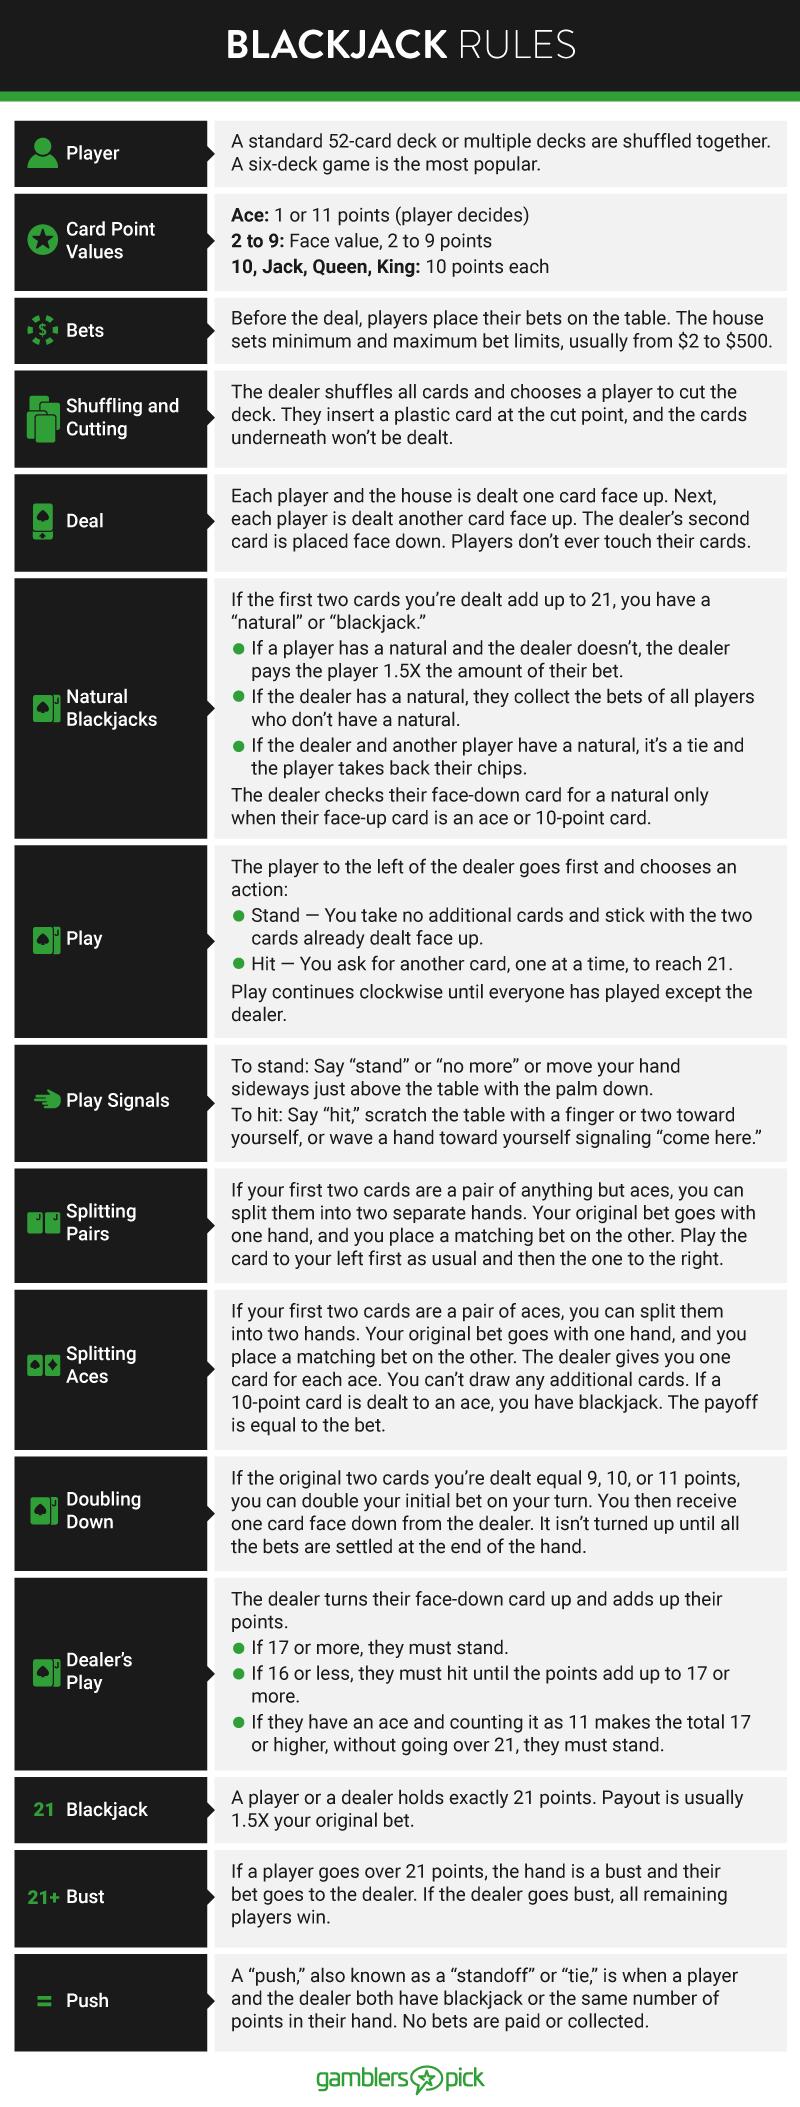 Blackjack Rules Chart